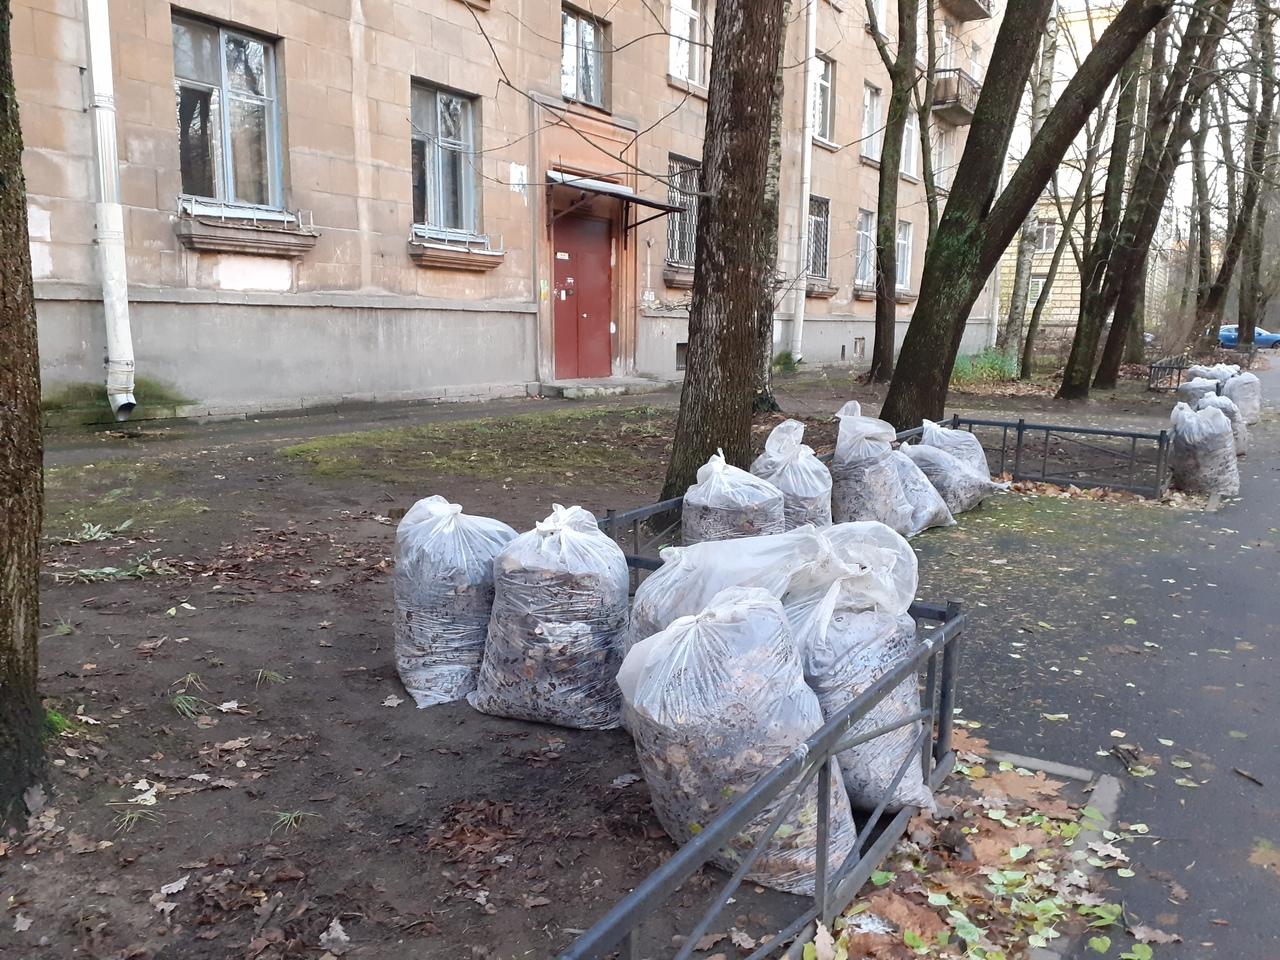 Позорище Петербурга. Сбор листьев с газонов - удар по природе. И все это за счет налогоплательщиков